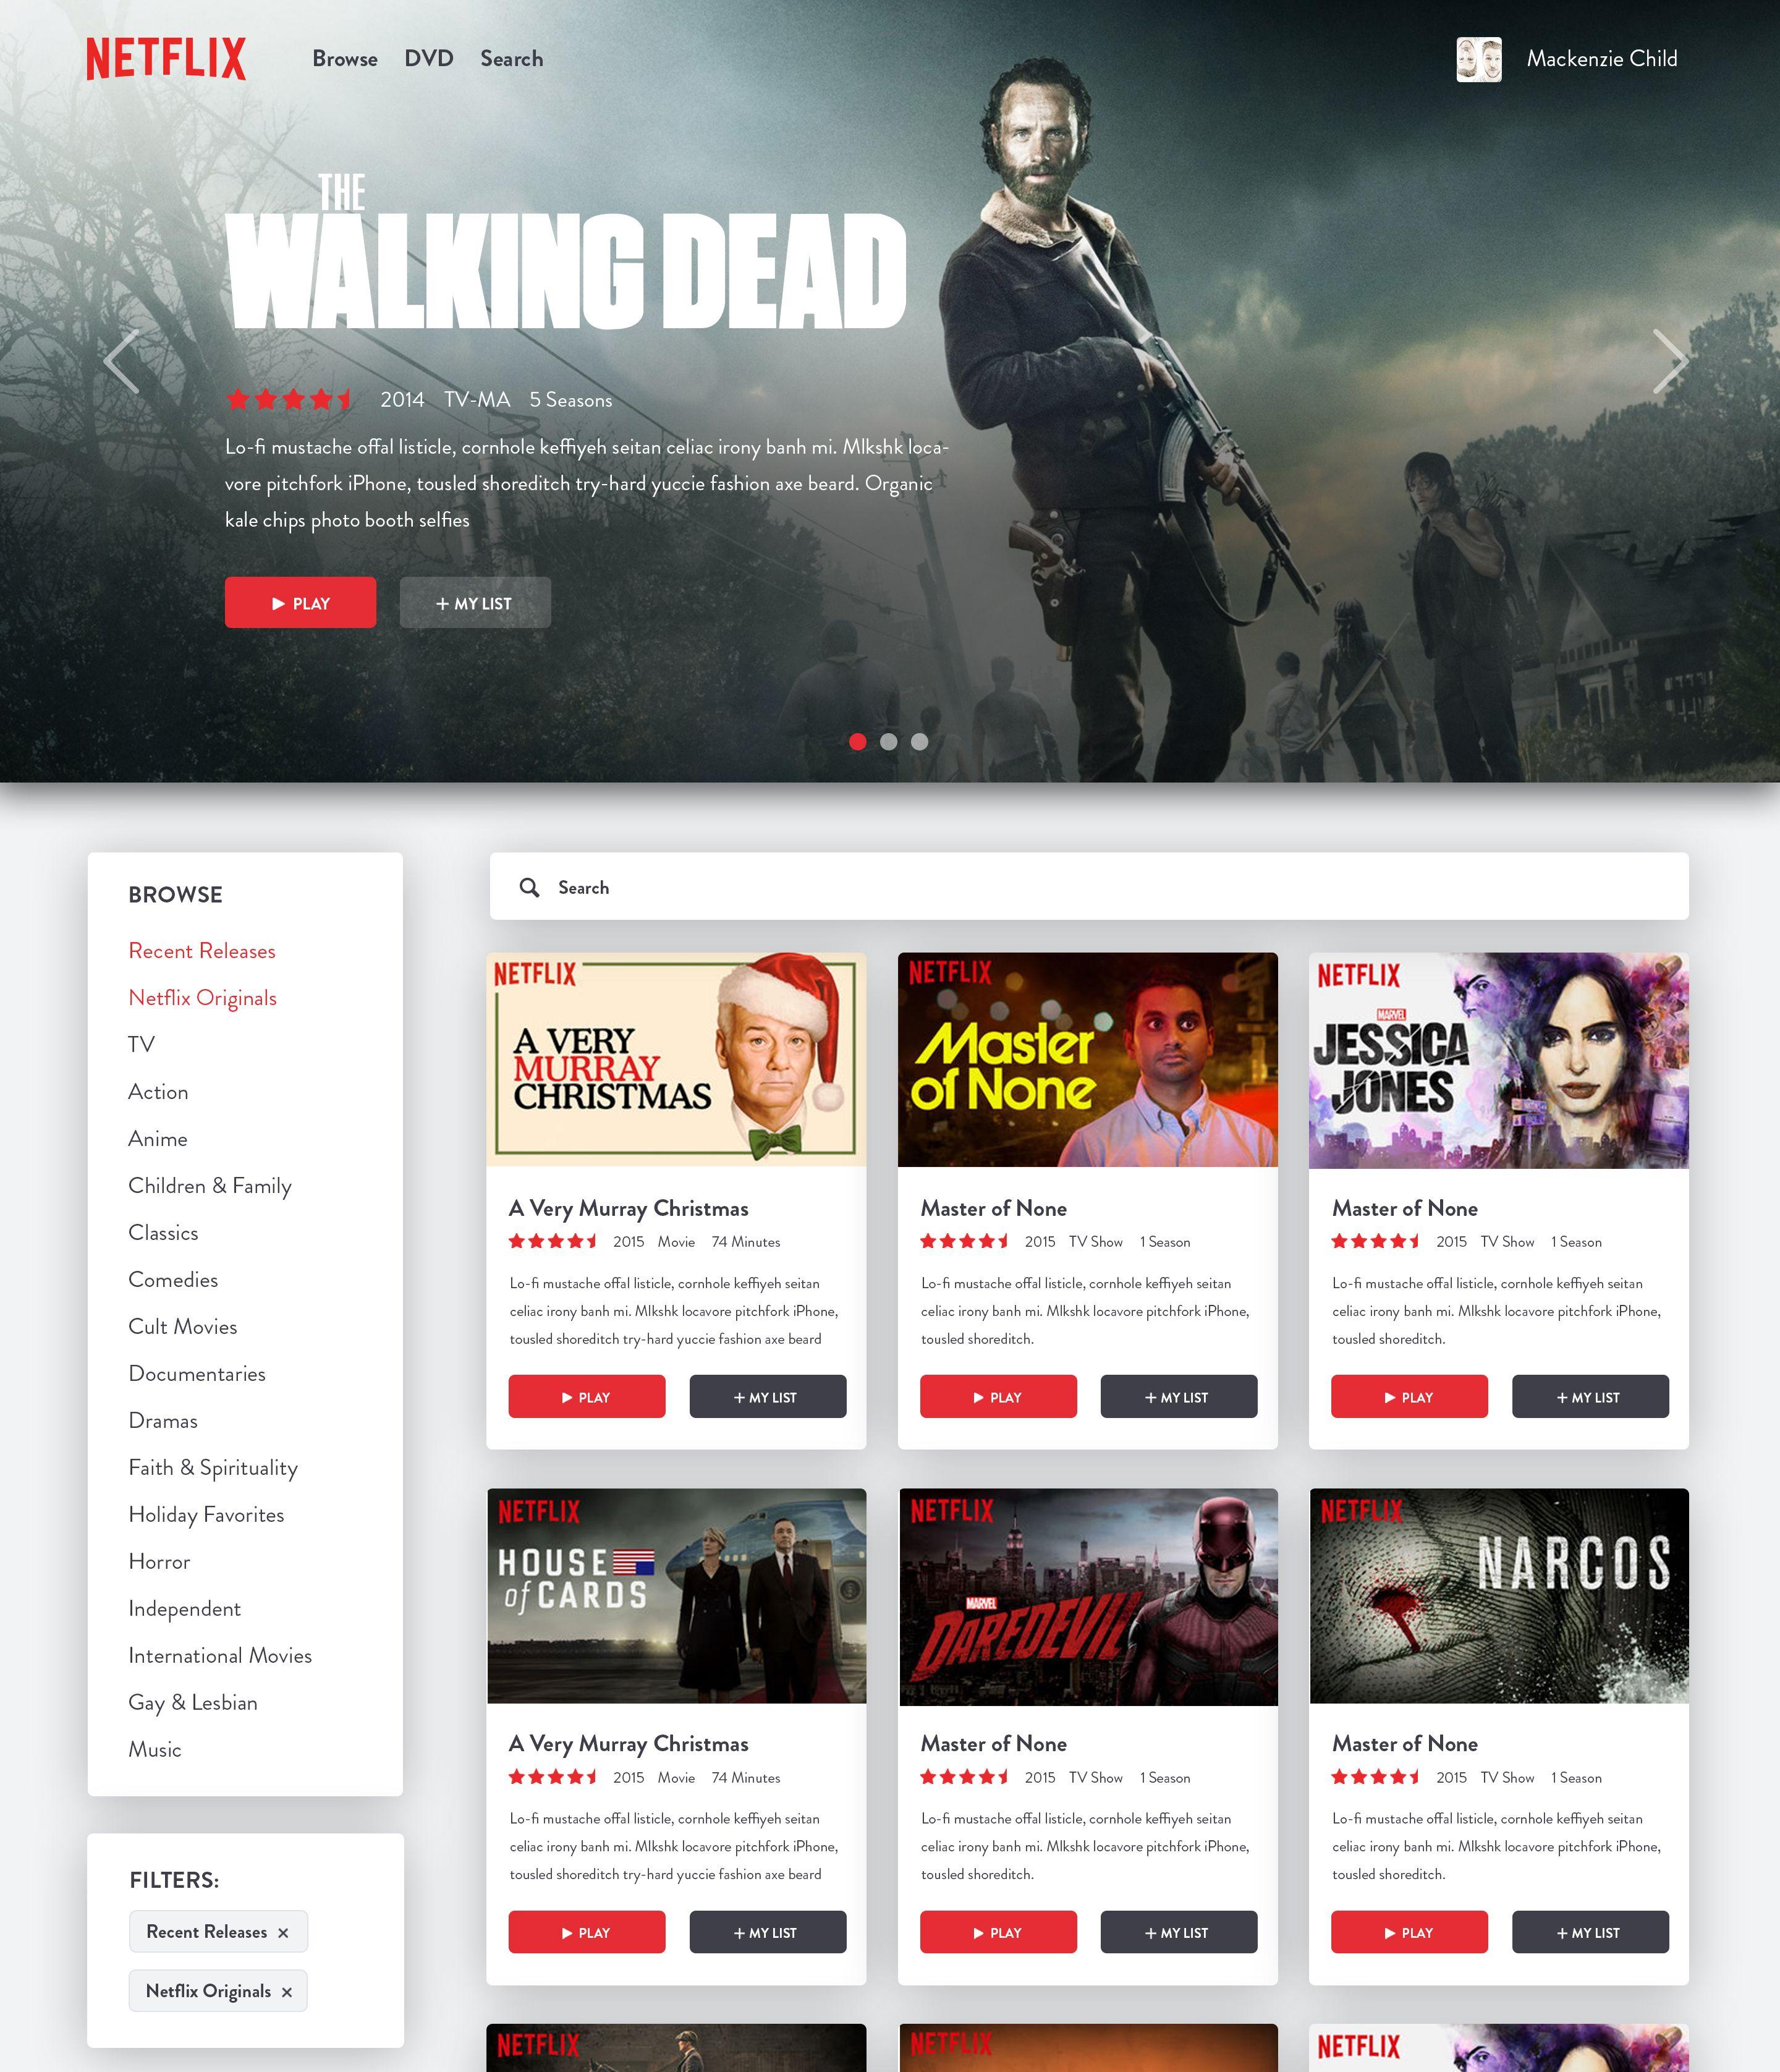 Netflix Redesign Jpg By Mackenzie Child News Web Design Web Design User Interface Web Design